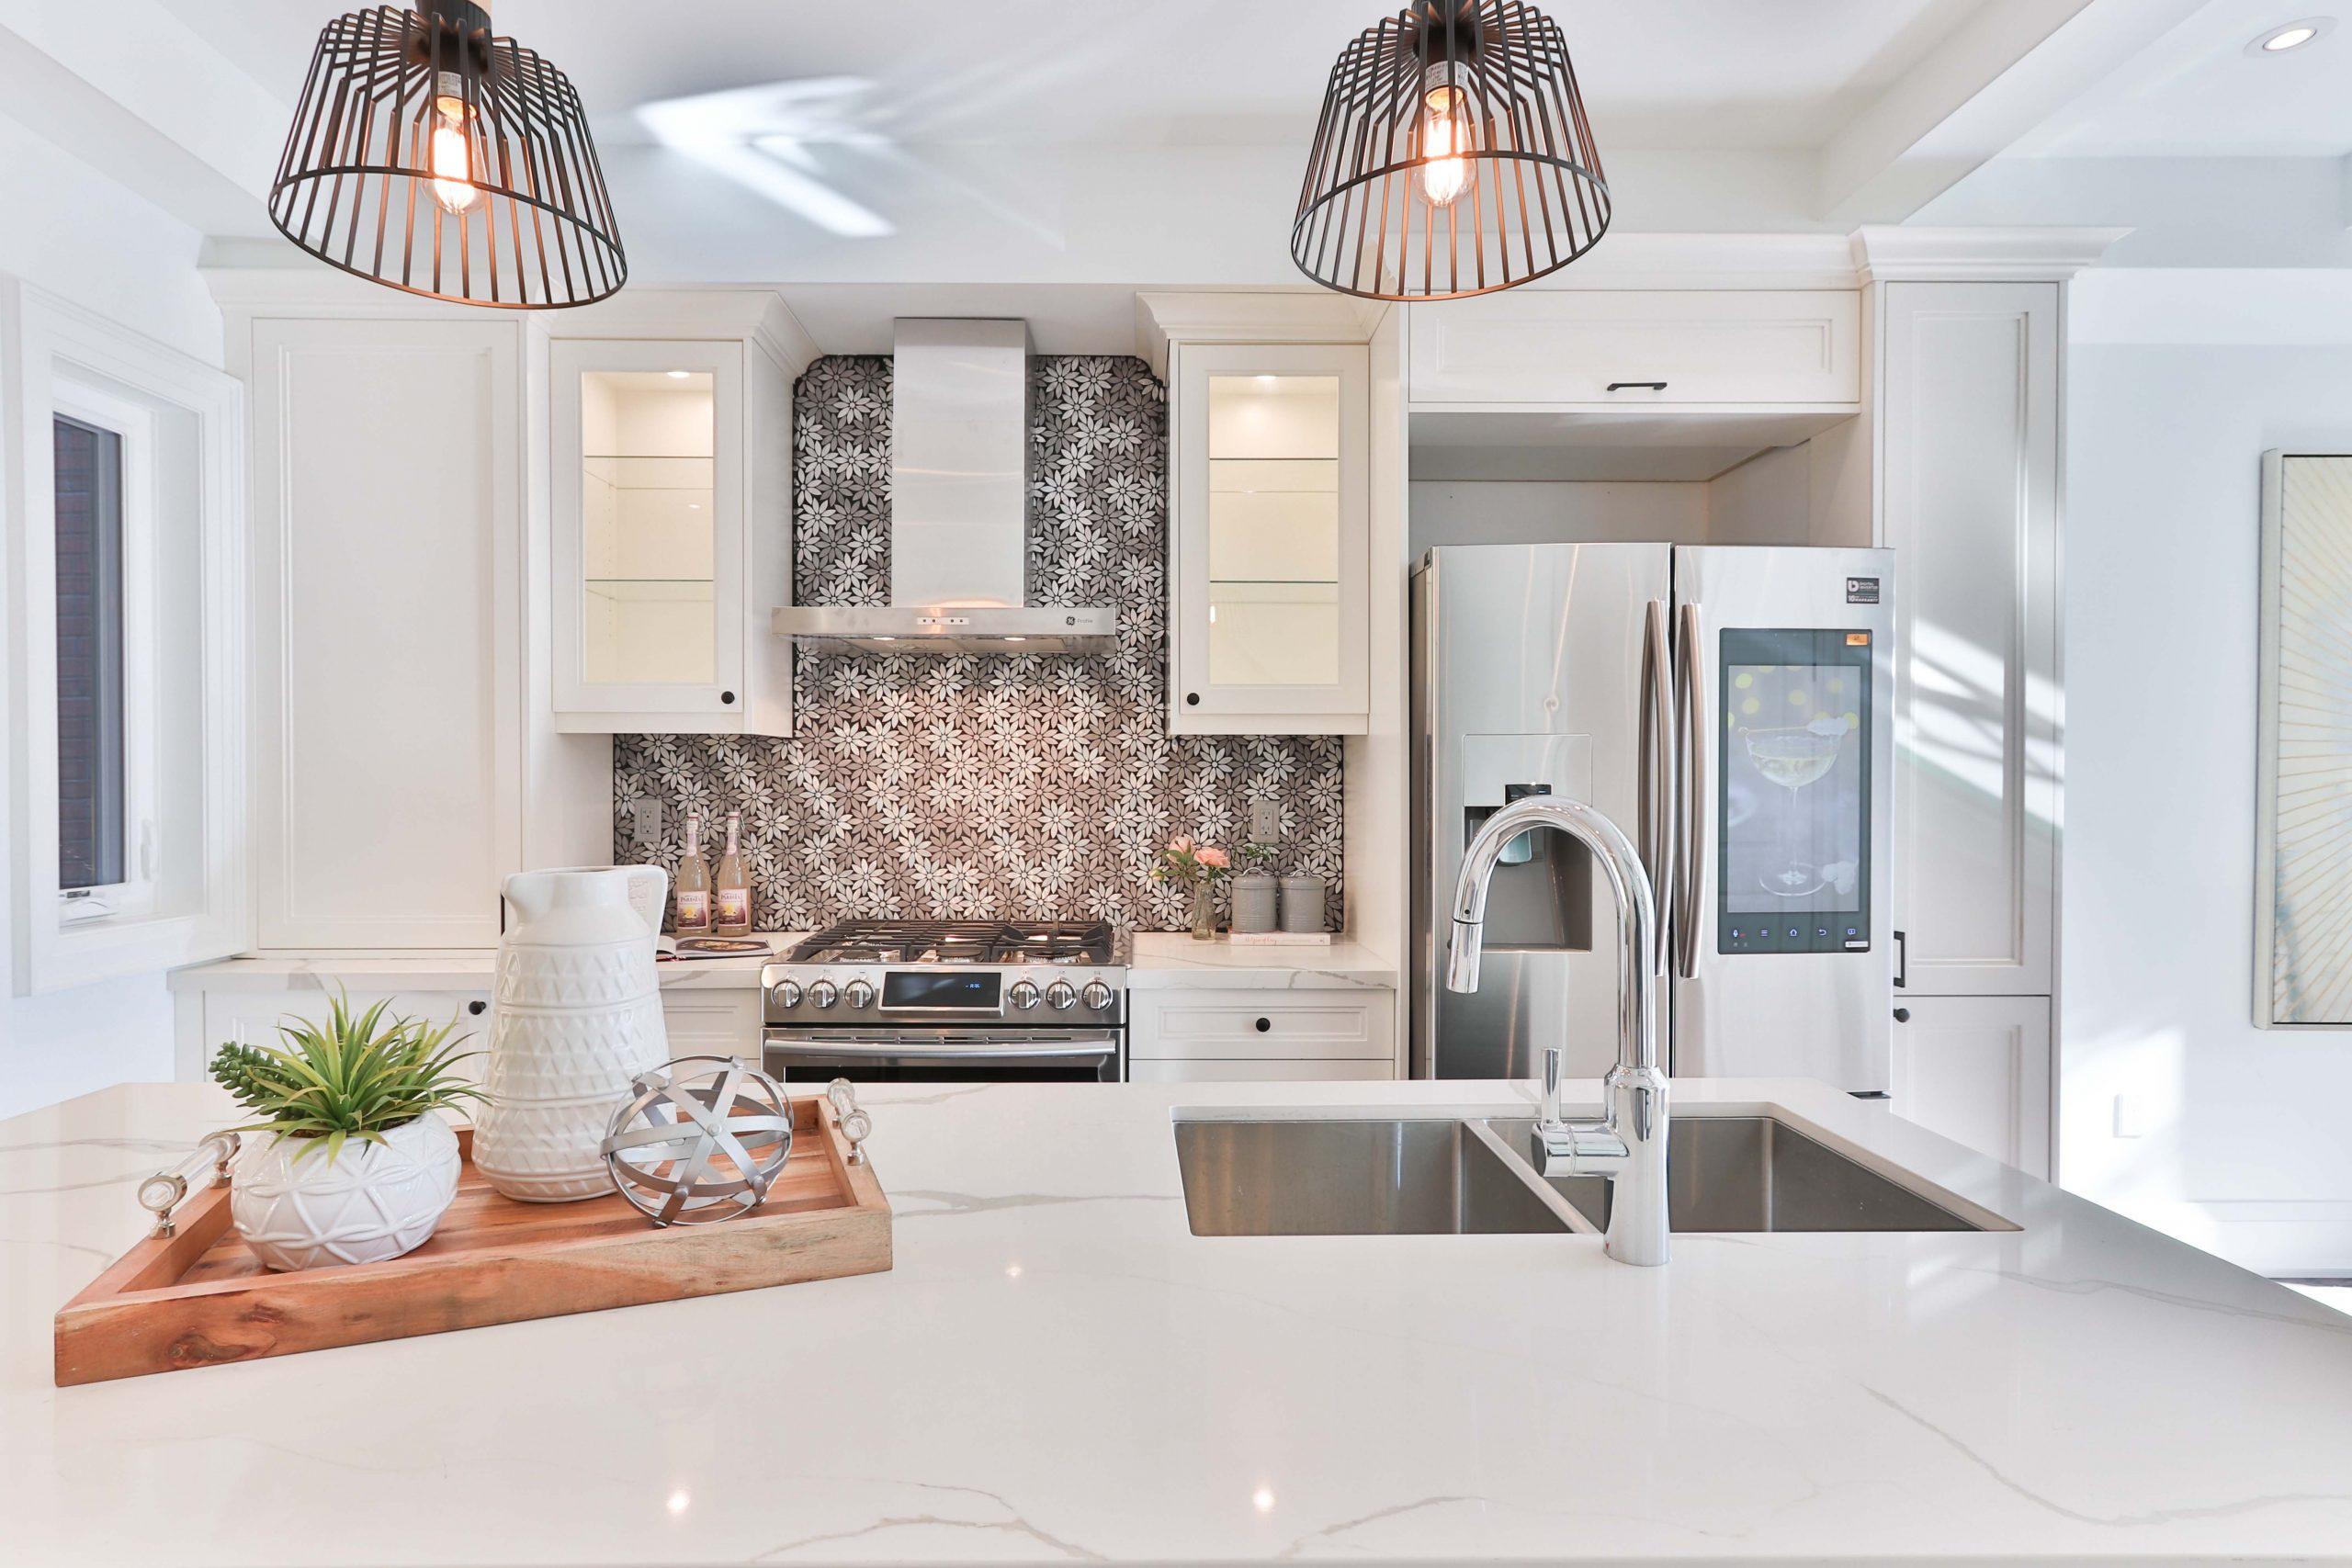 7 Modern Luxury Kitchen Decoration Trends 2020 2013031232